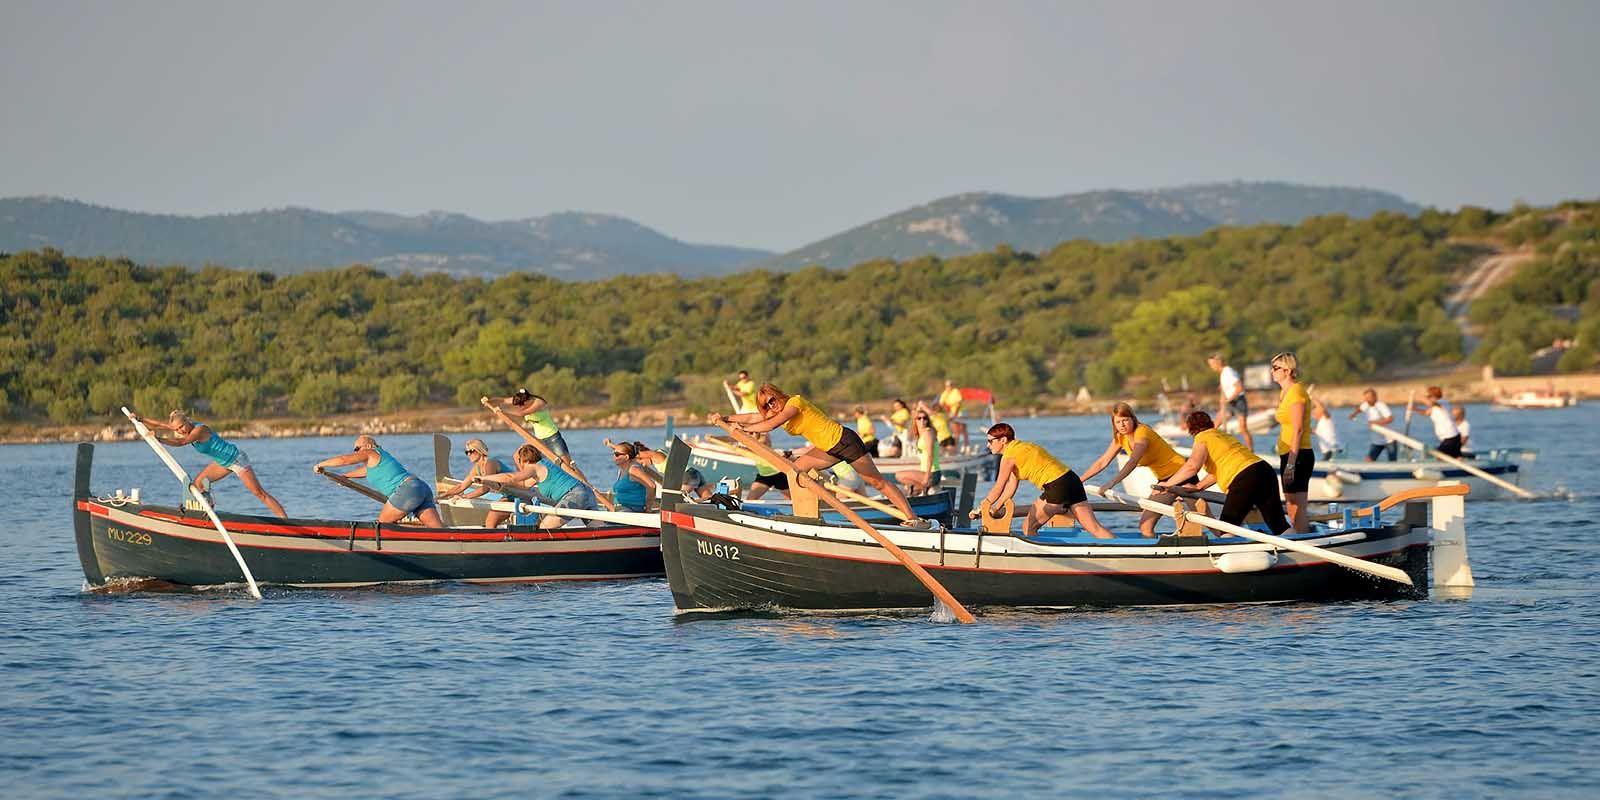 Women's rowing regatta